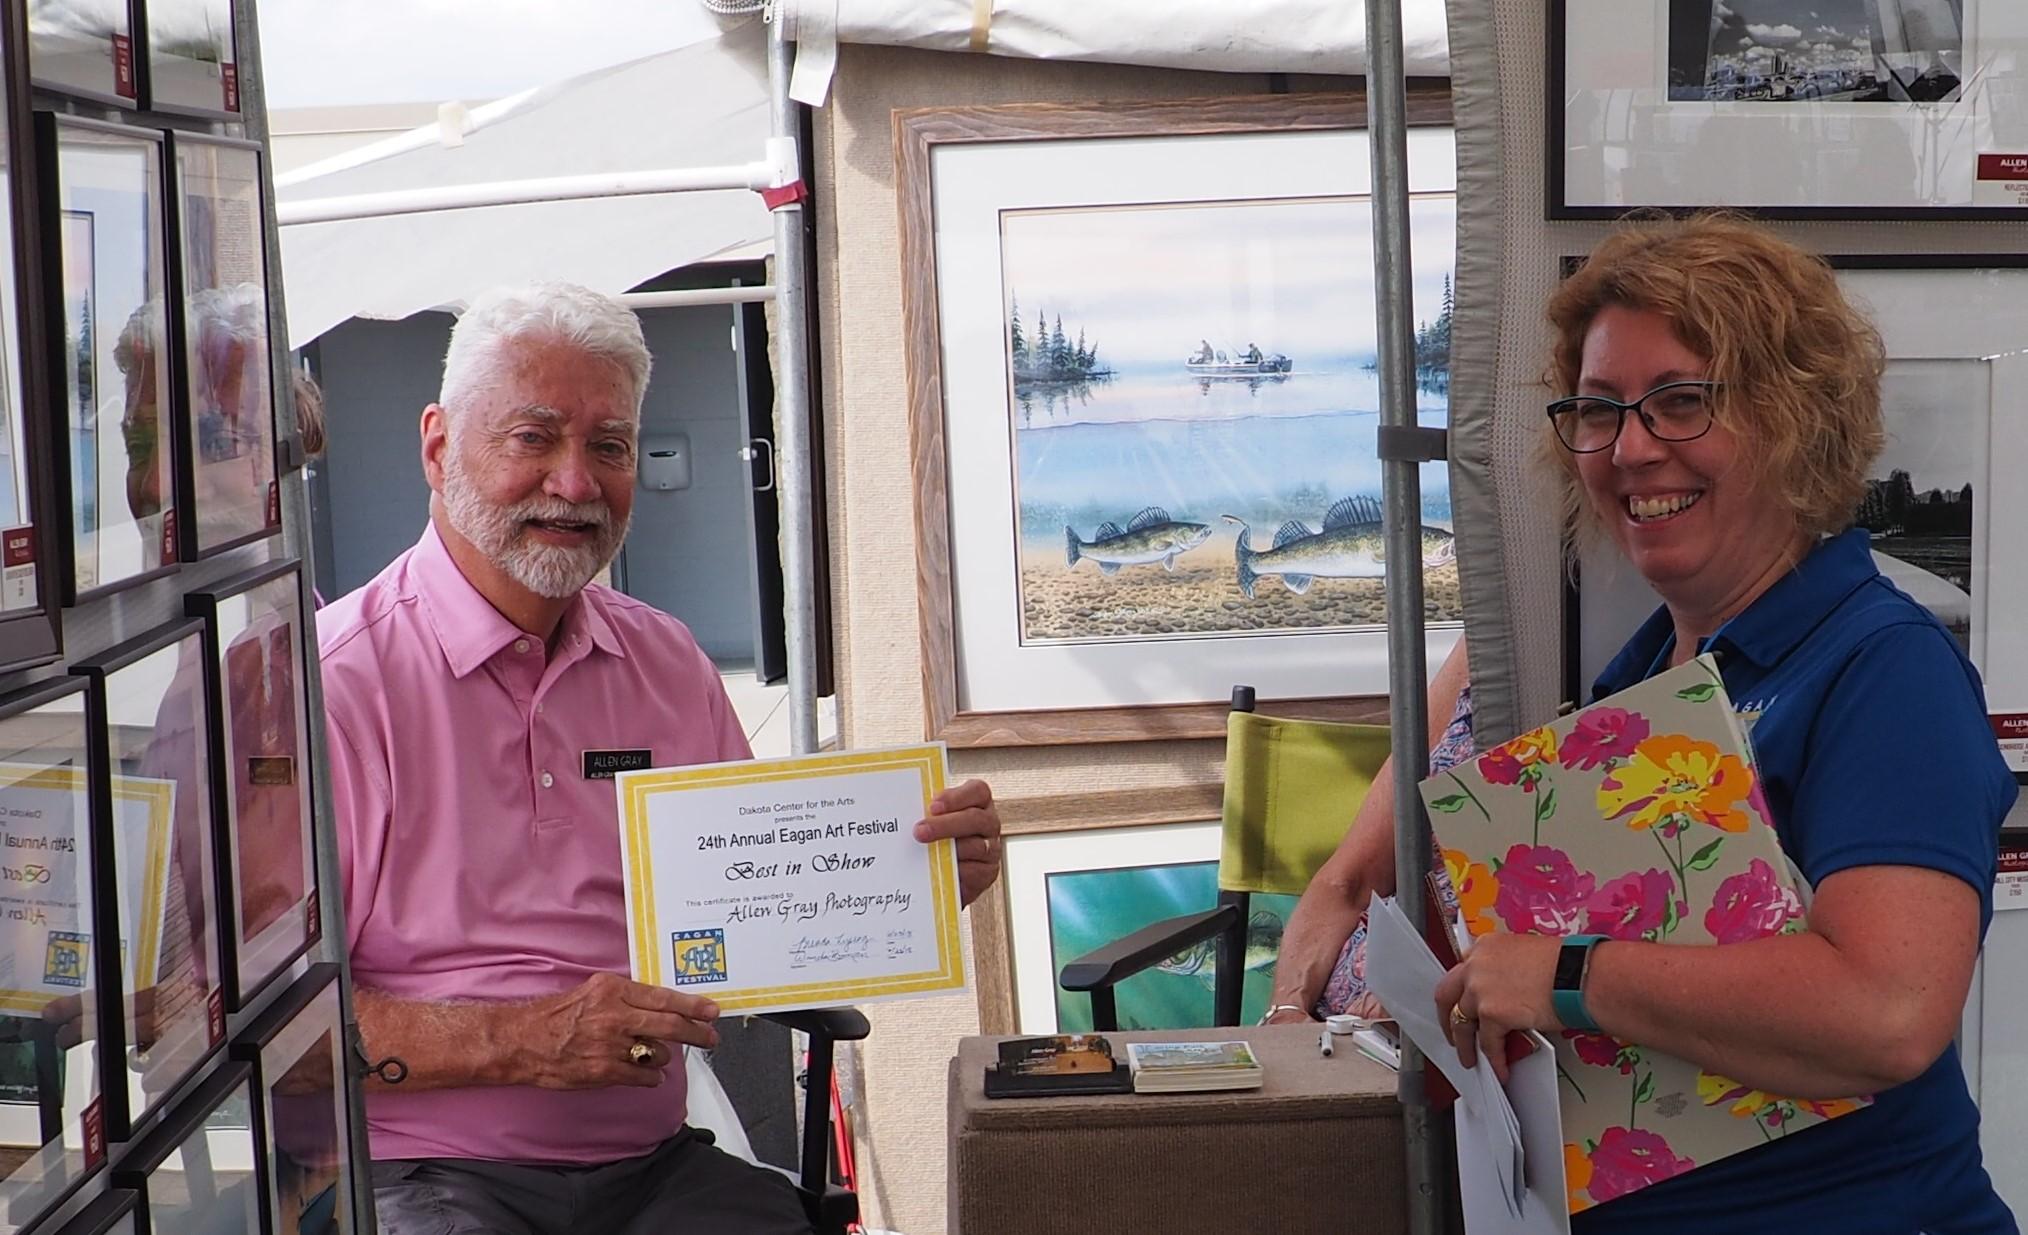 Artist award Eagan Art Festival